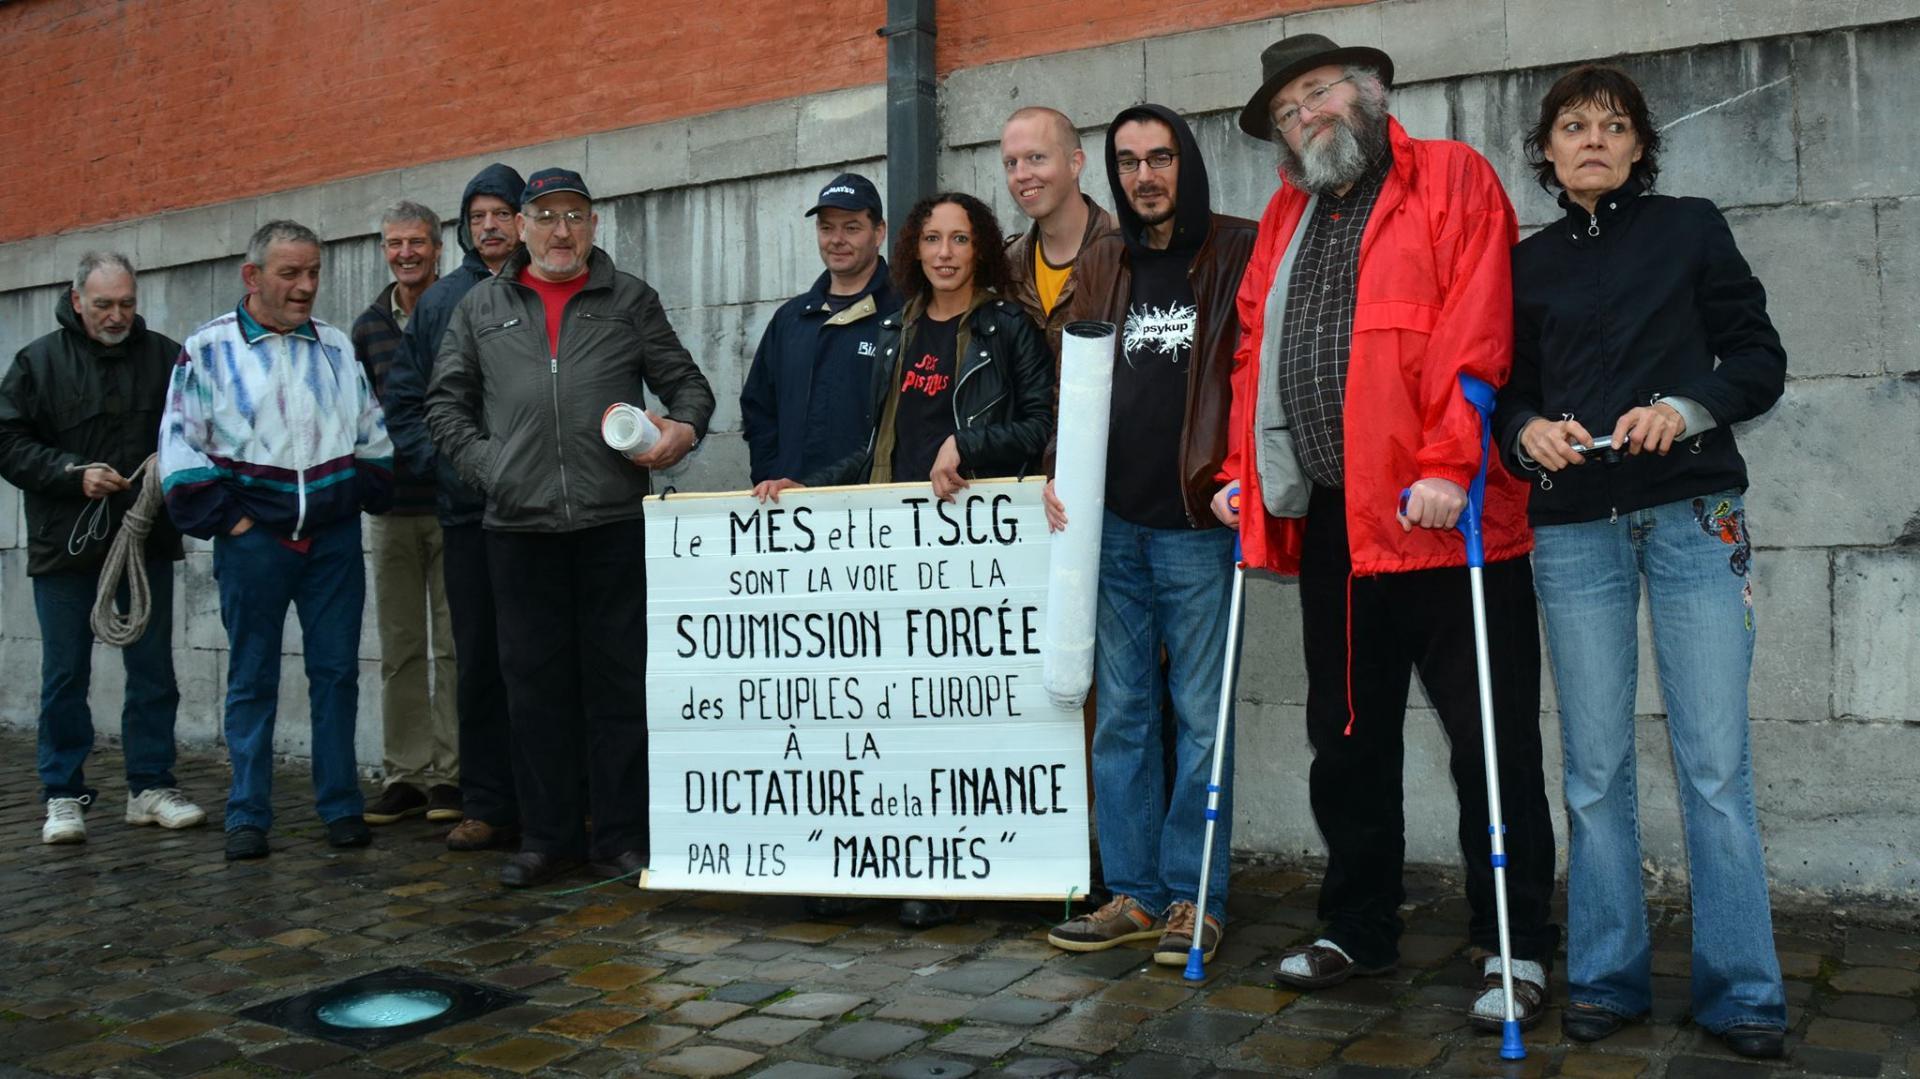 9 septembre 2013 à Namur au Grognon